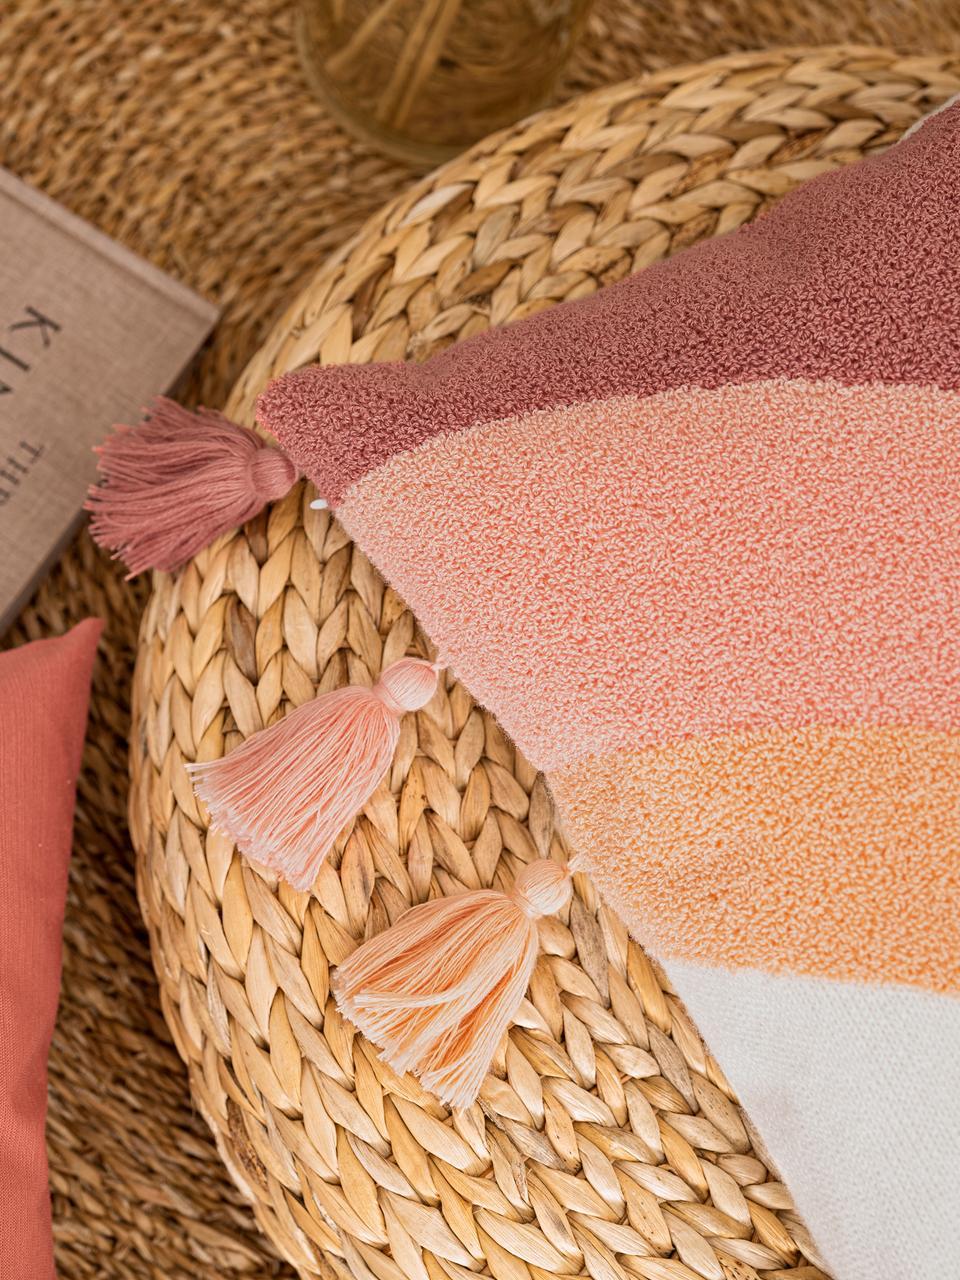 Kissenhülle Verano mit Quasten und weicher Struktur-Oberfläche, 60% Baumwolle, 40% Polyacryl, Cremefarben, Pfirsichfarben, Rosa, Terrakotta, 45 x 45 cm